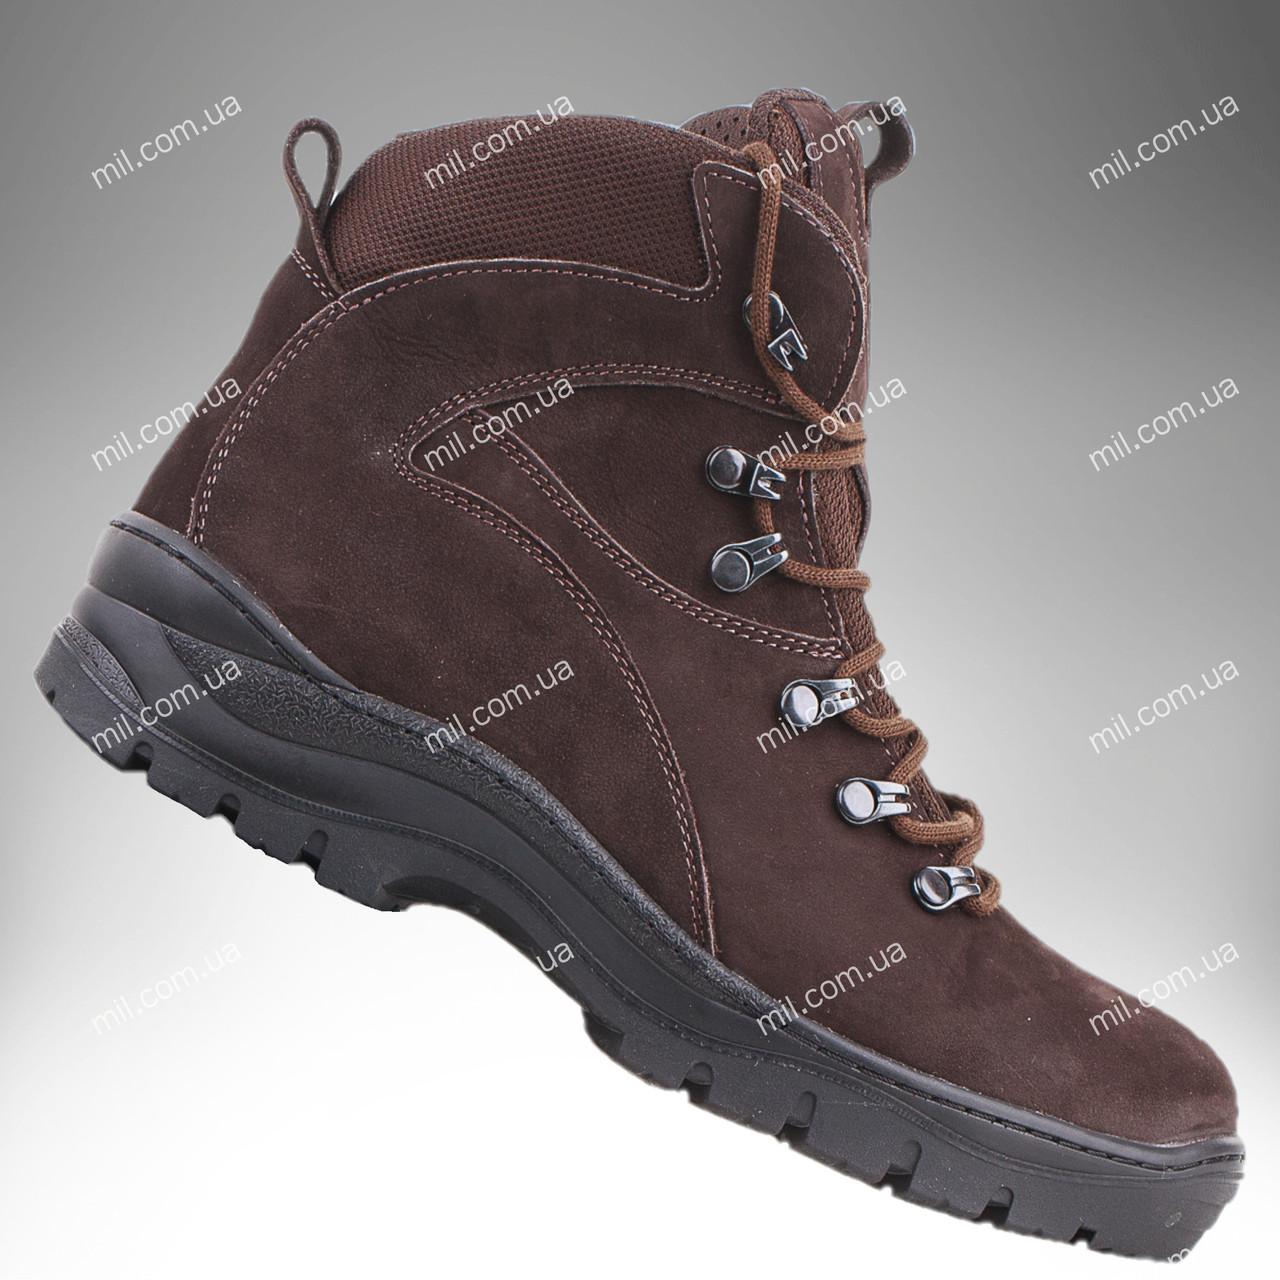 Обувь военная демисезонная / армейские, тактические ботинки ОМЕГА (шоколад)